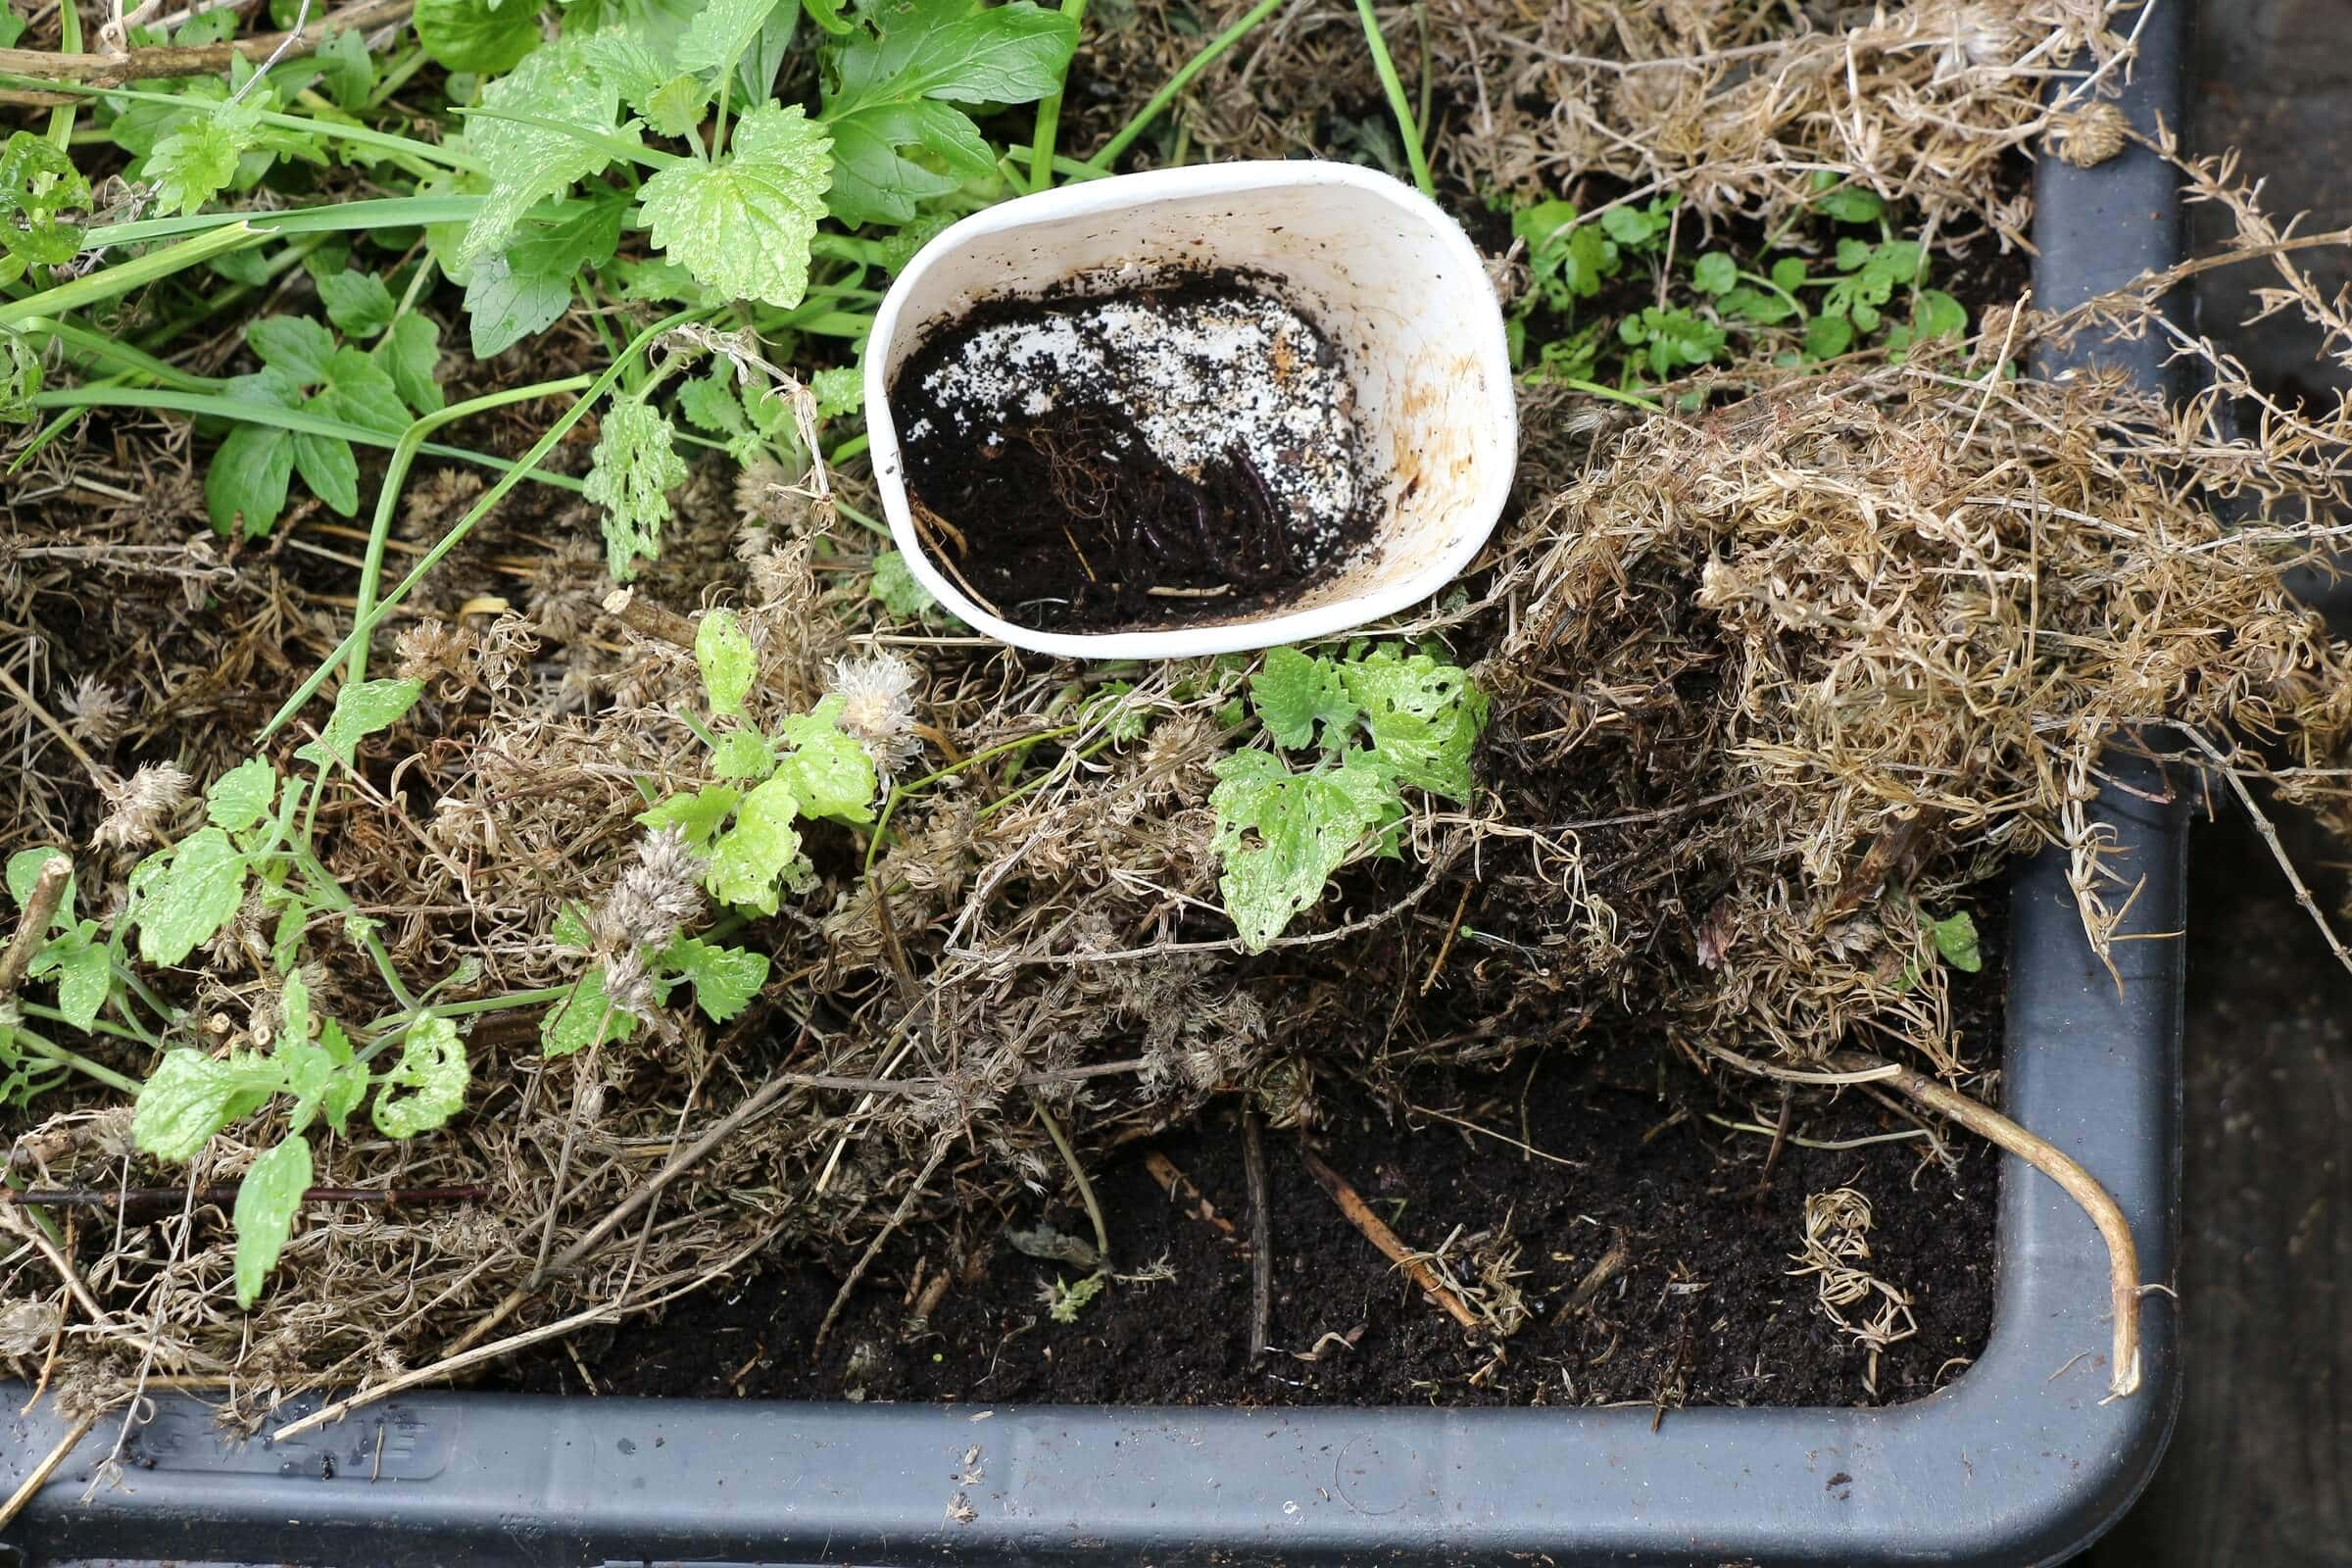 In der Outdoor-Mulch-Wurmfarm Würmer sammeln